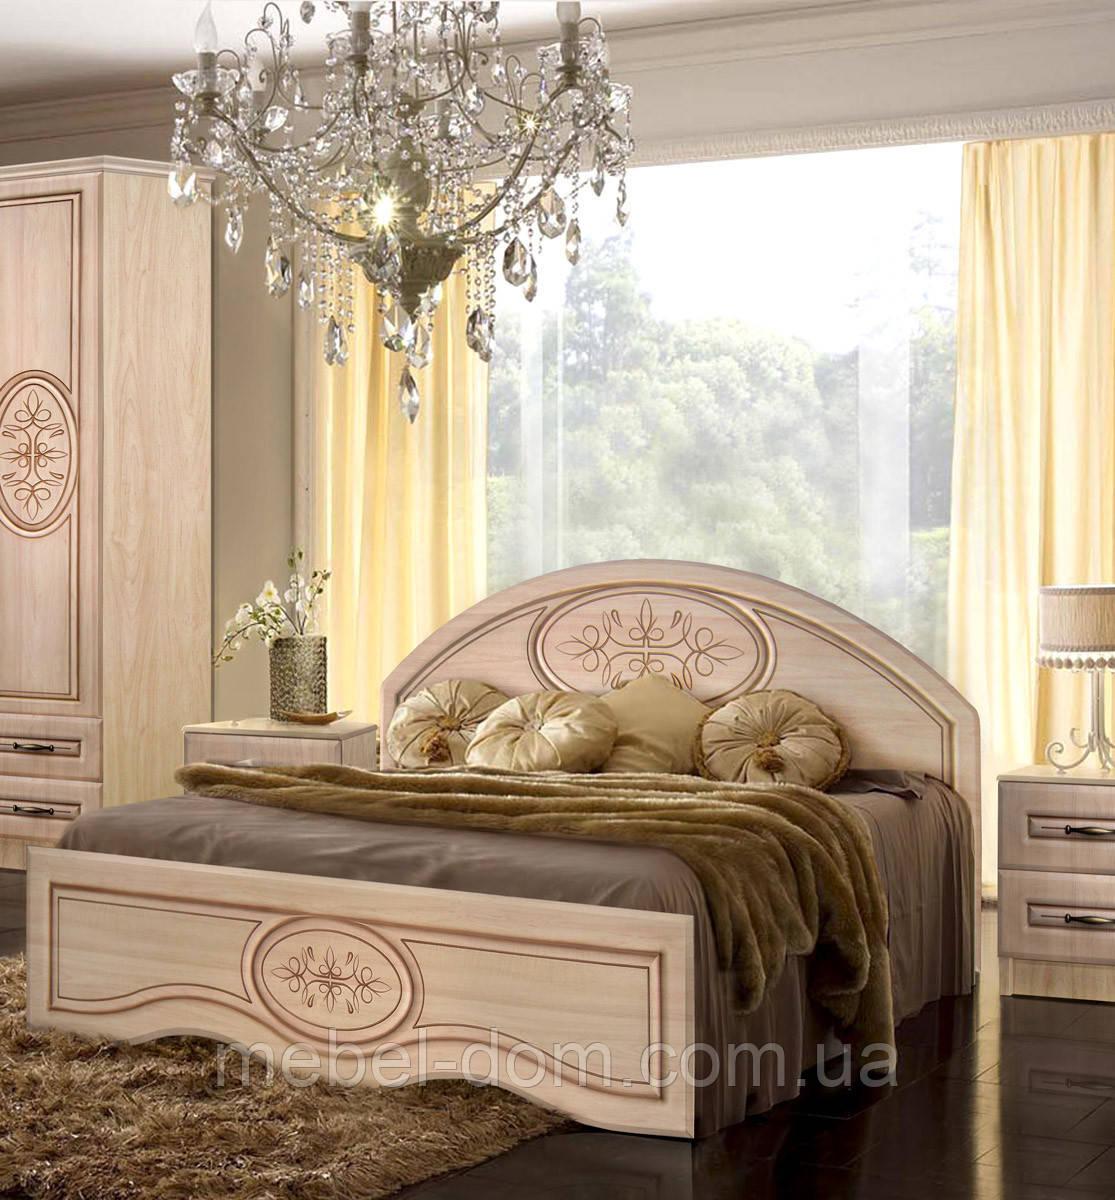 Кровать полуторная Василиса без каркаса 1400/370 с низким изножьем